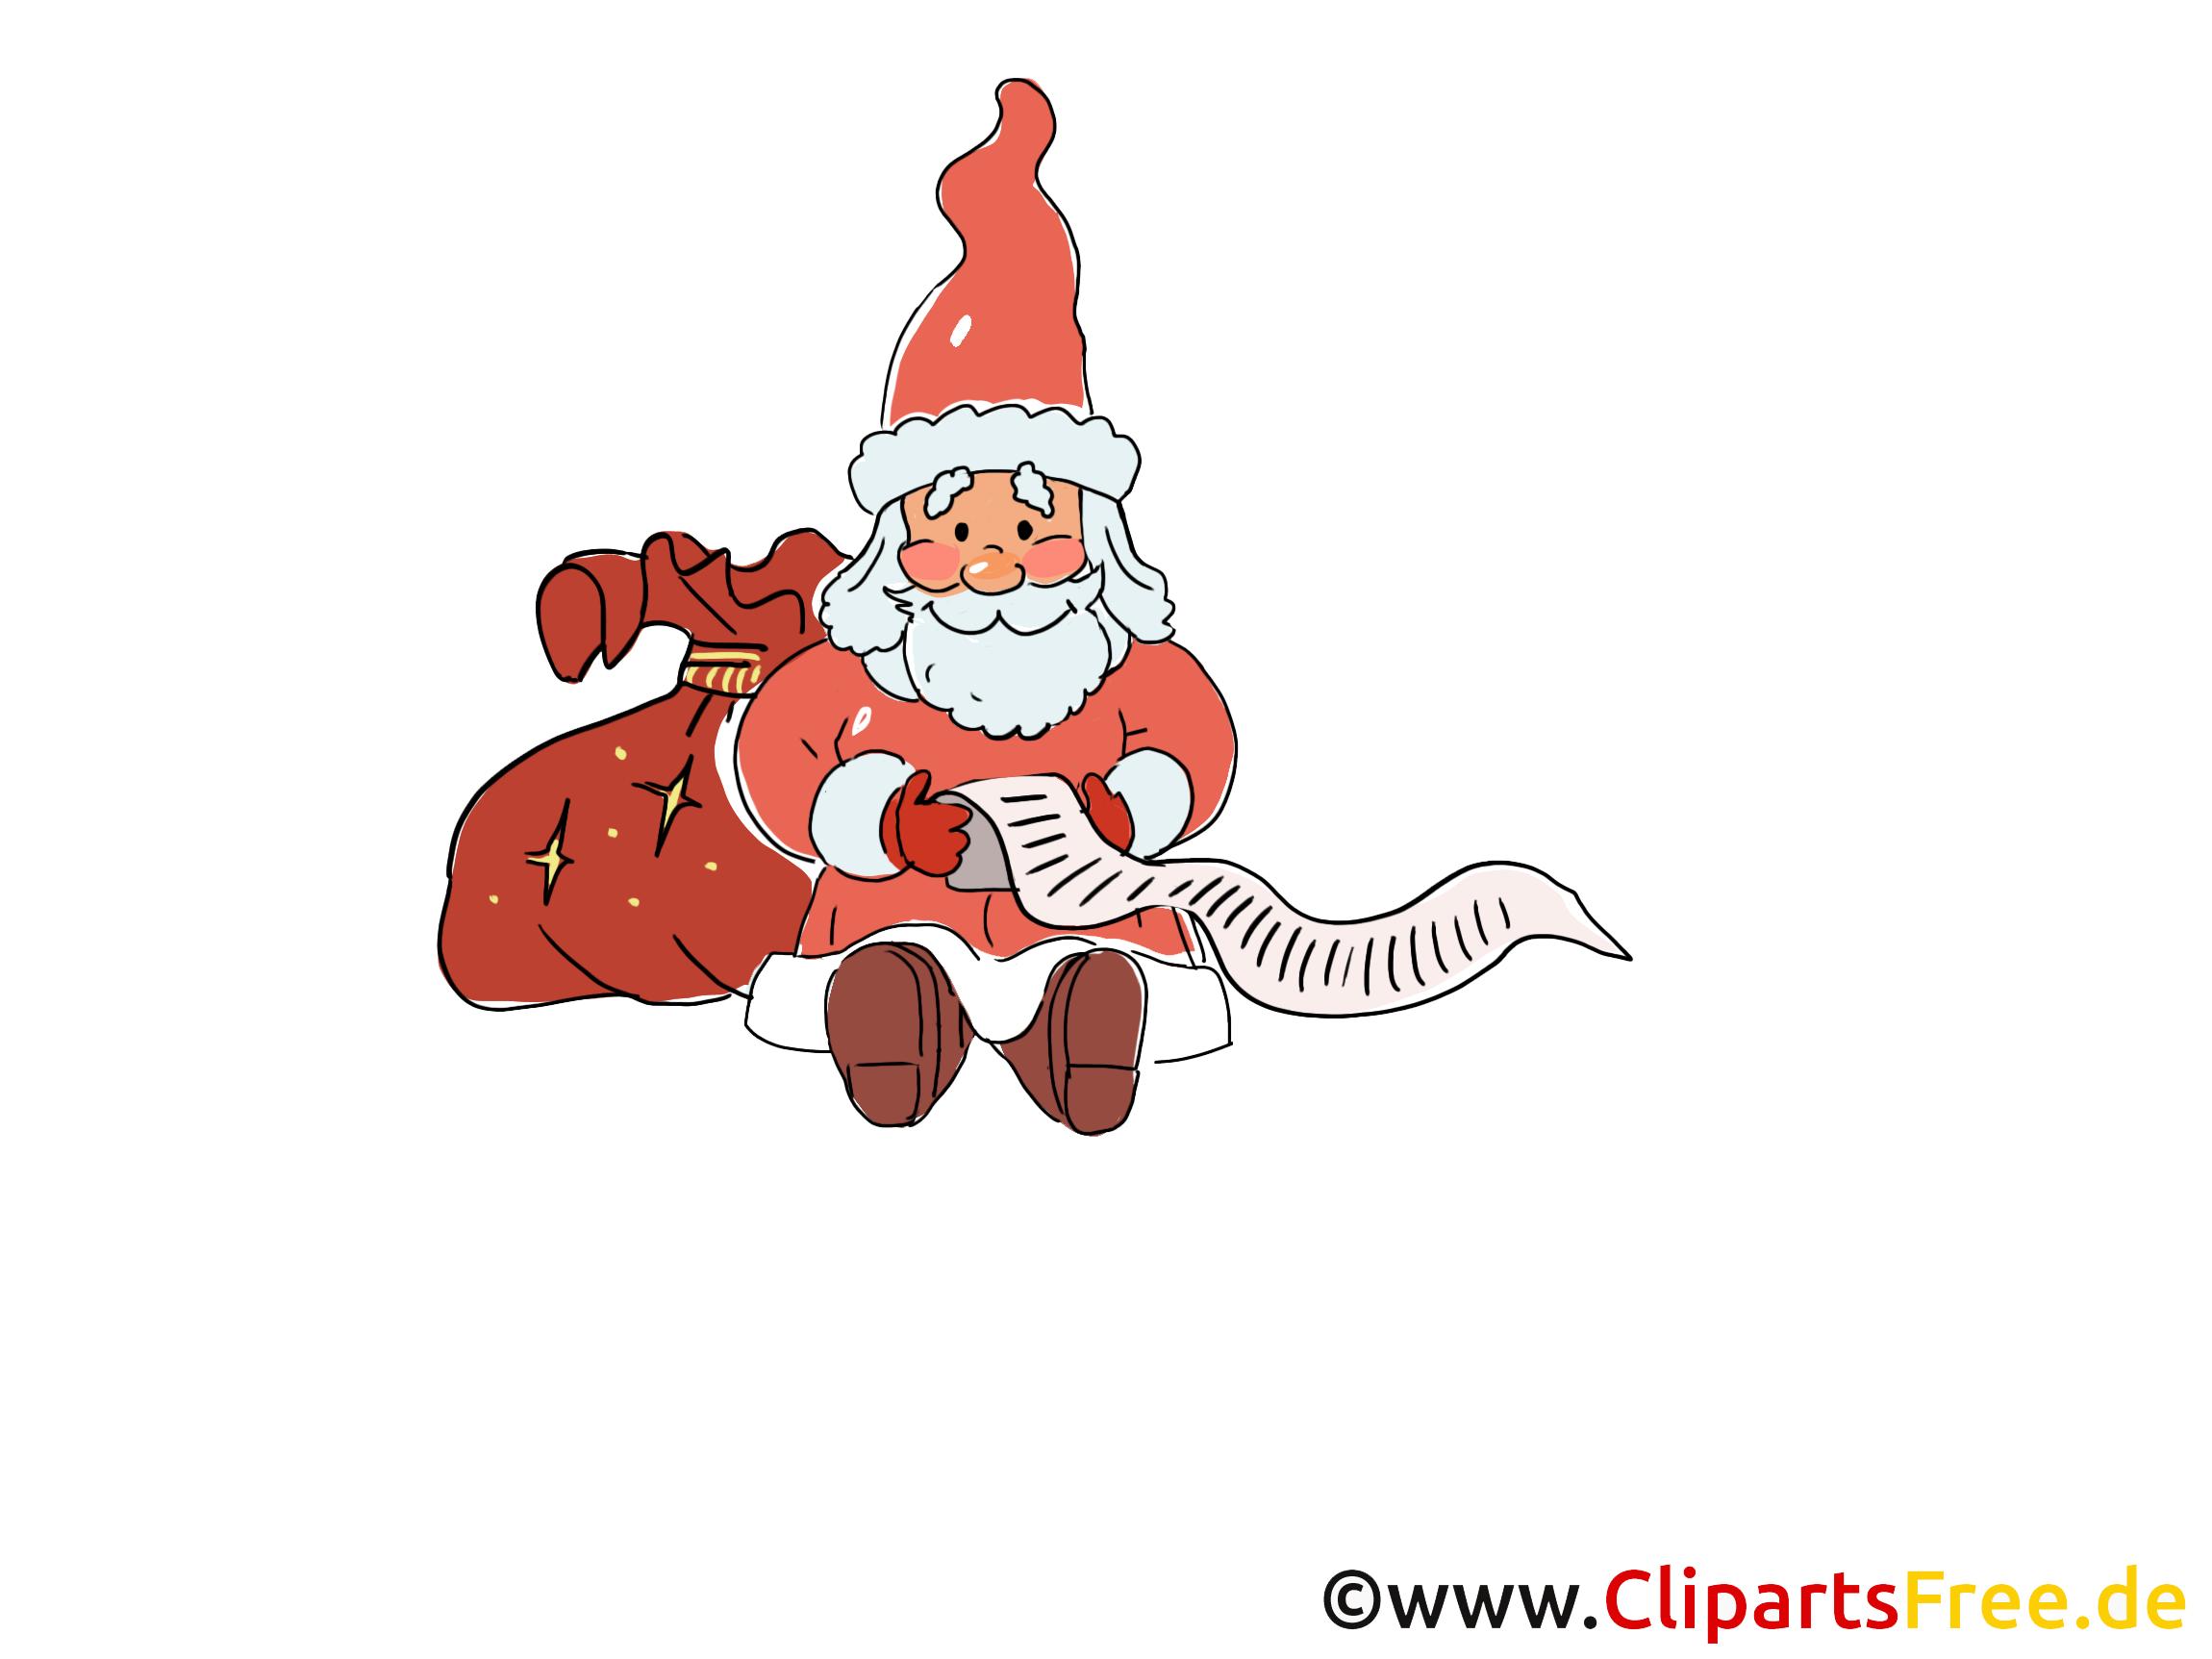 Bilder Weihnachten Clipart.Weihnachtsbilder Clipart Weihnachten